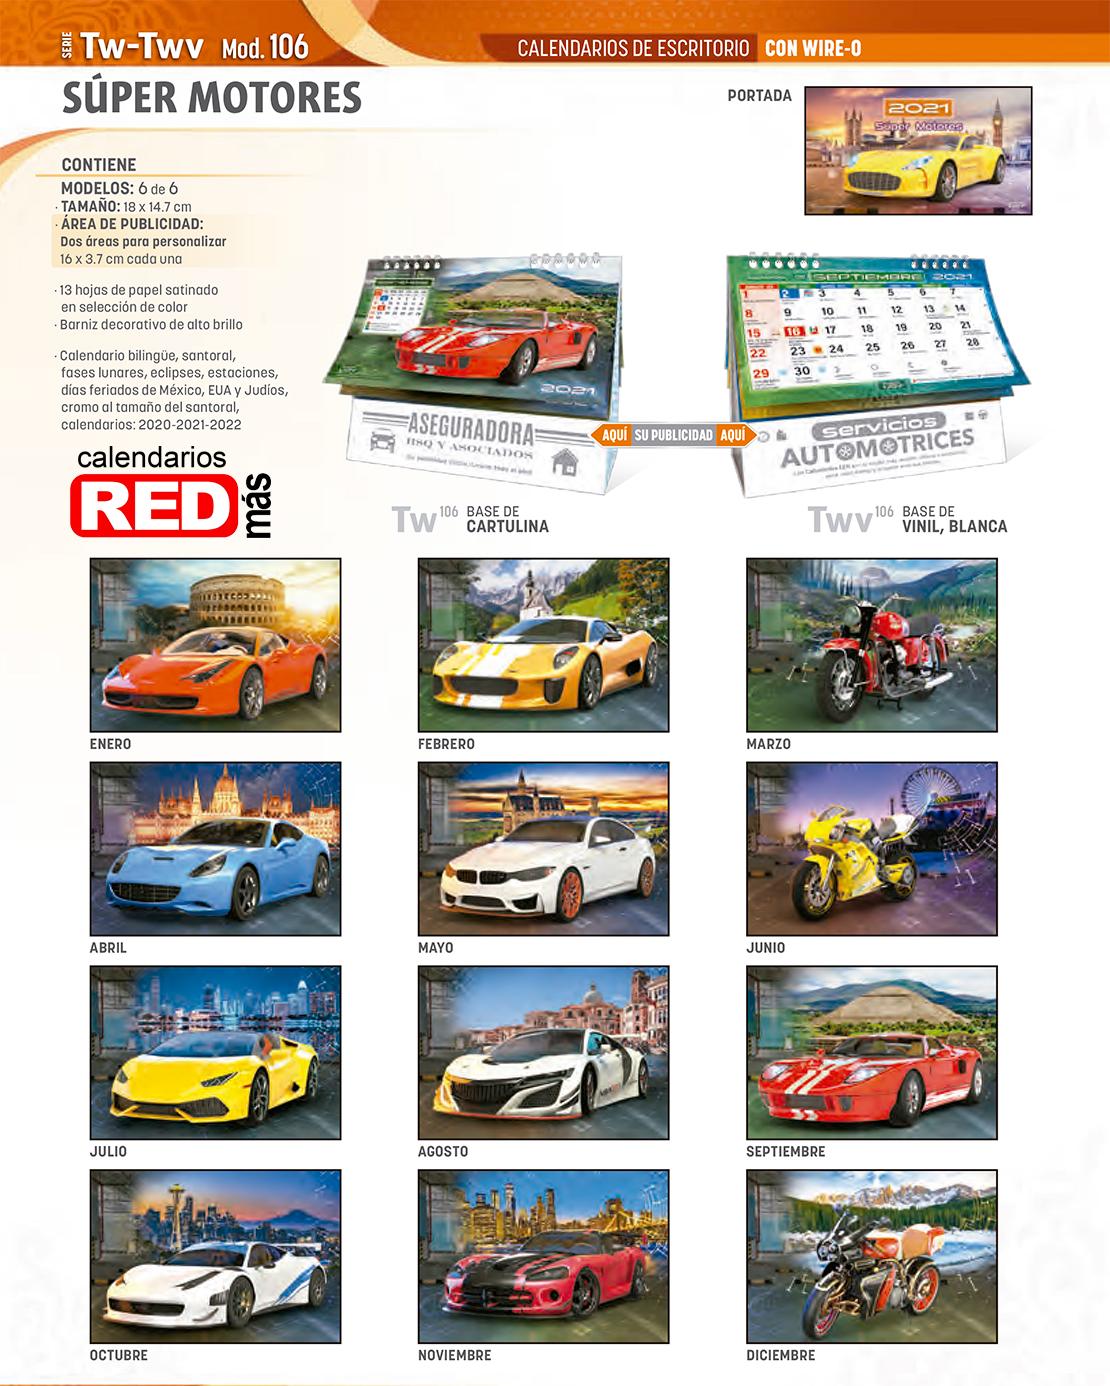 10-Catalogo-Calendarios-LEN-2021-super-motores-mod-106-calendarios-red-2021.jpg